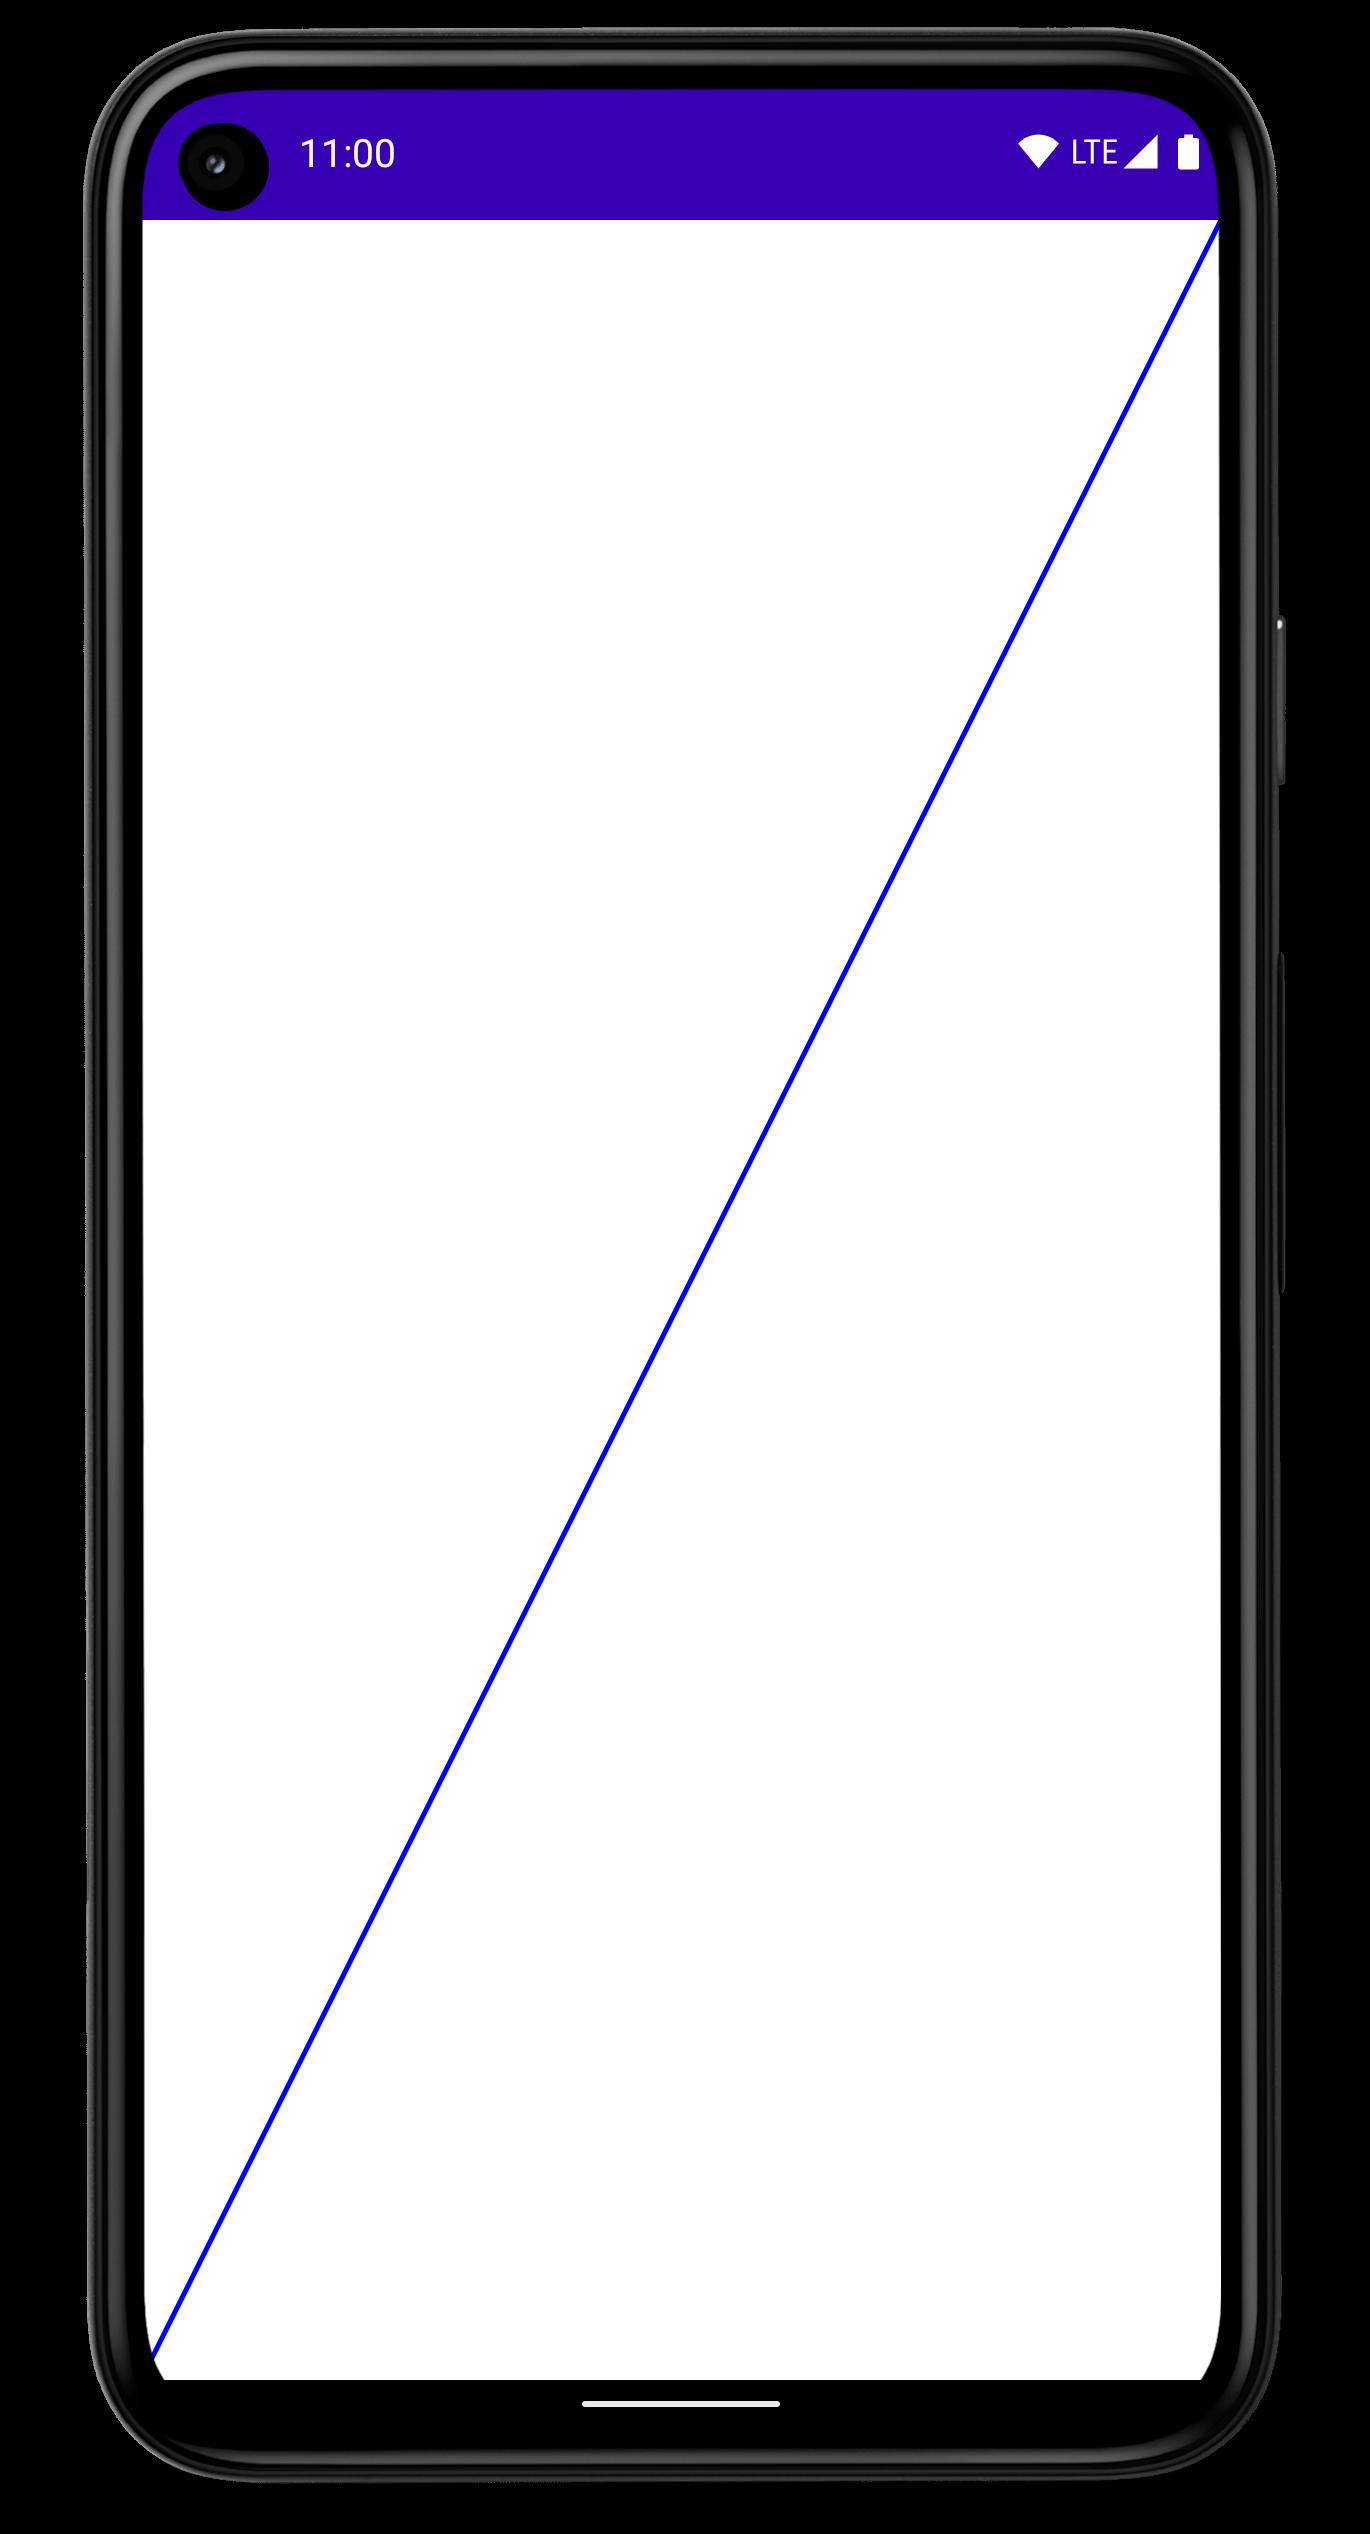 画面全体に太い斜線が描かれたスマートフォン。